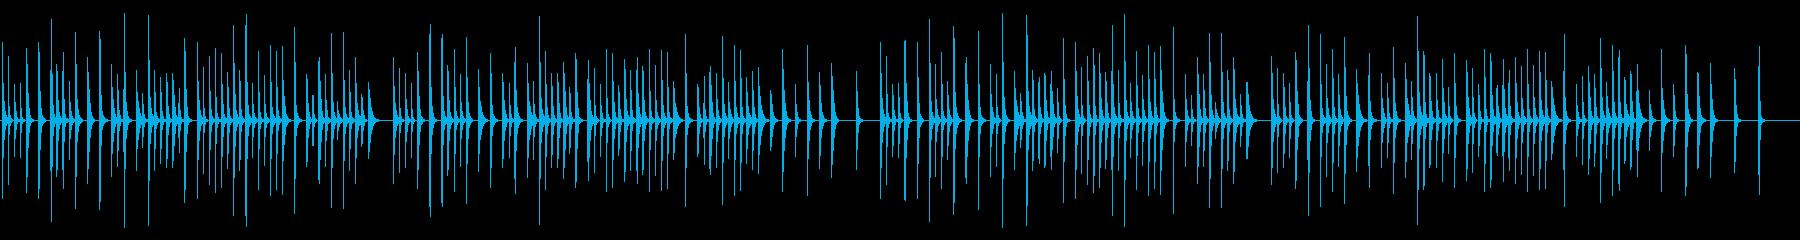 雪 シロフォンソロの再生済みの波形